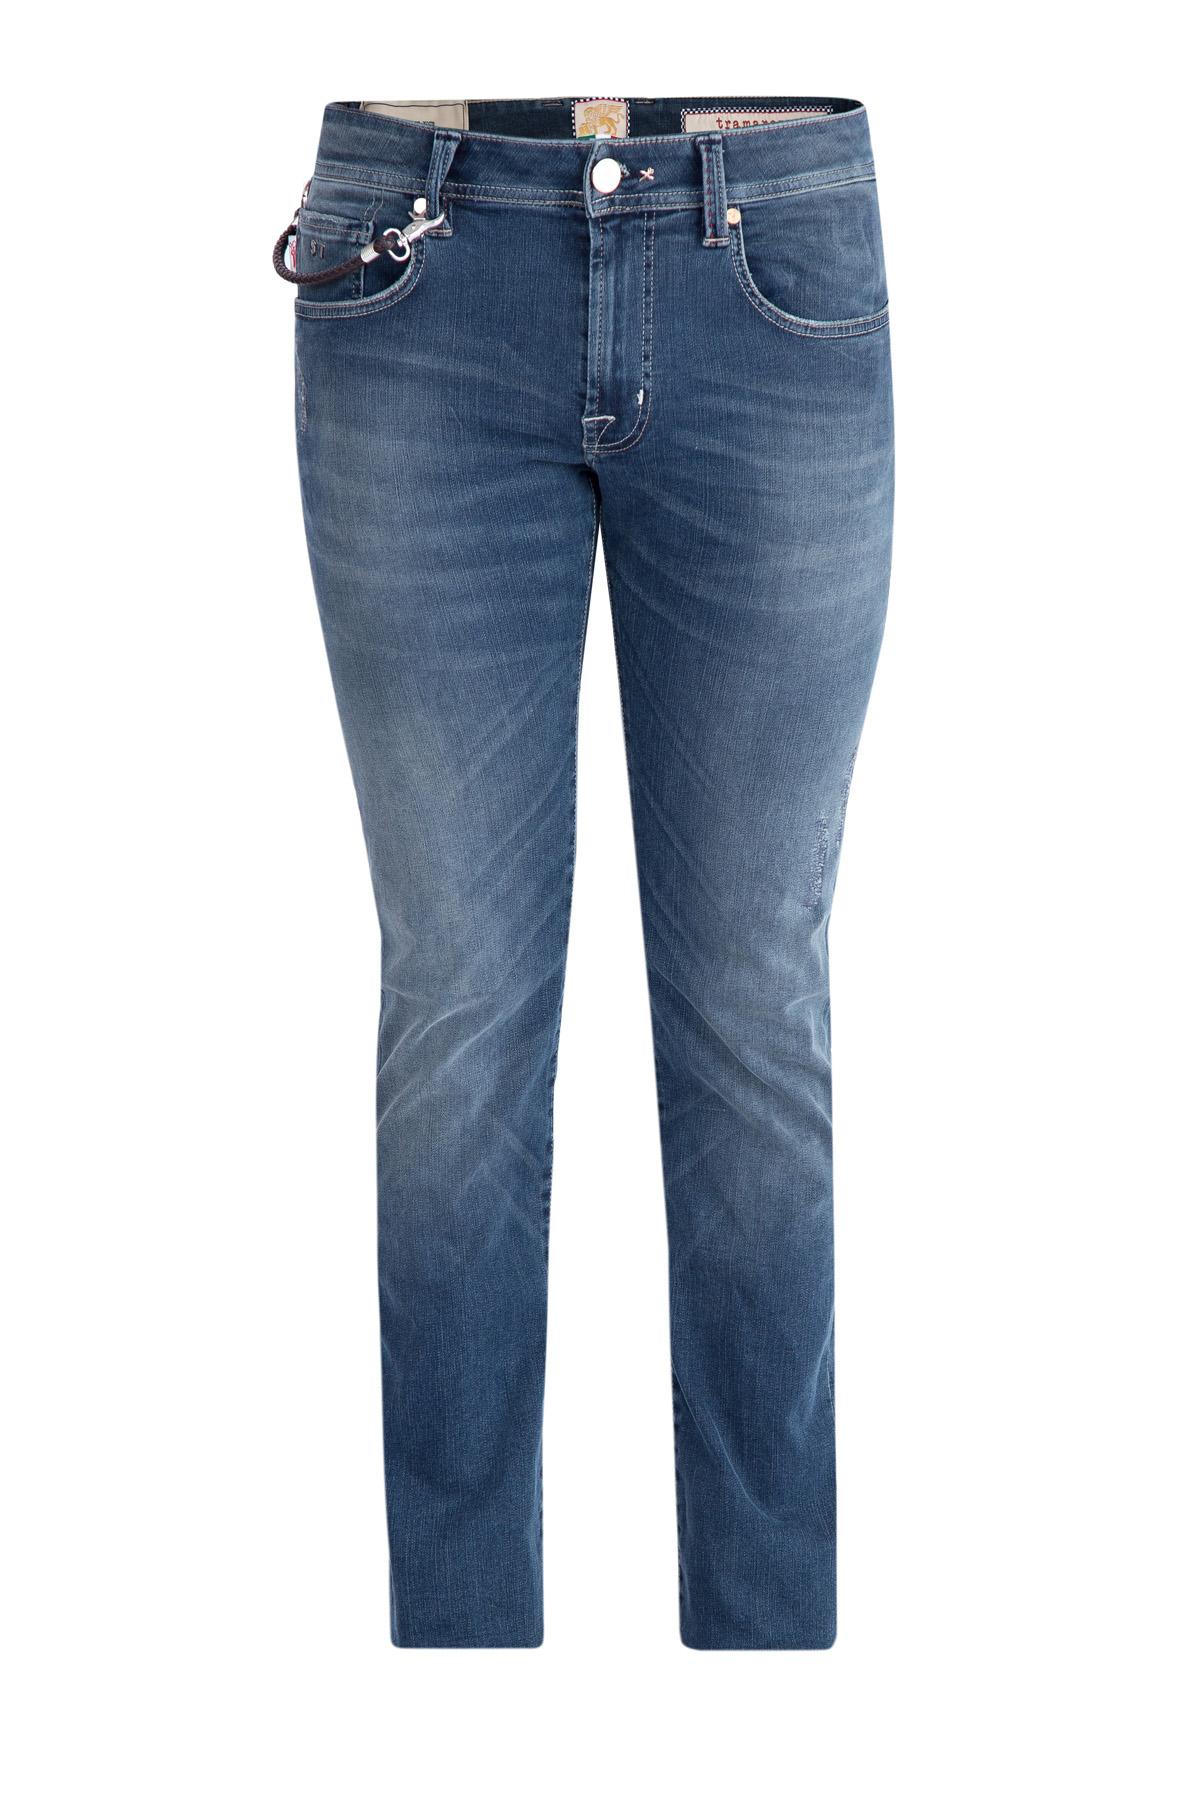 джинсыДжинсы<br><br>Материал: хлопок 87% ,  полиэстер 9% ,  эластан 4%;